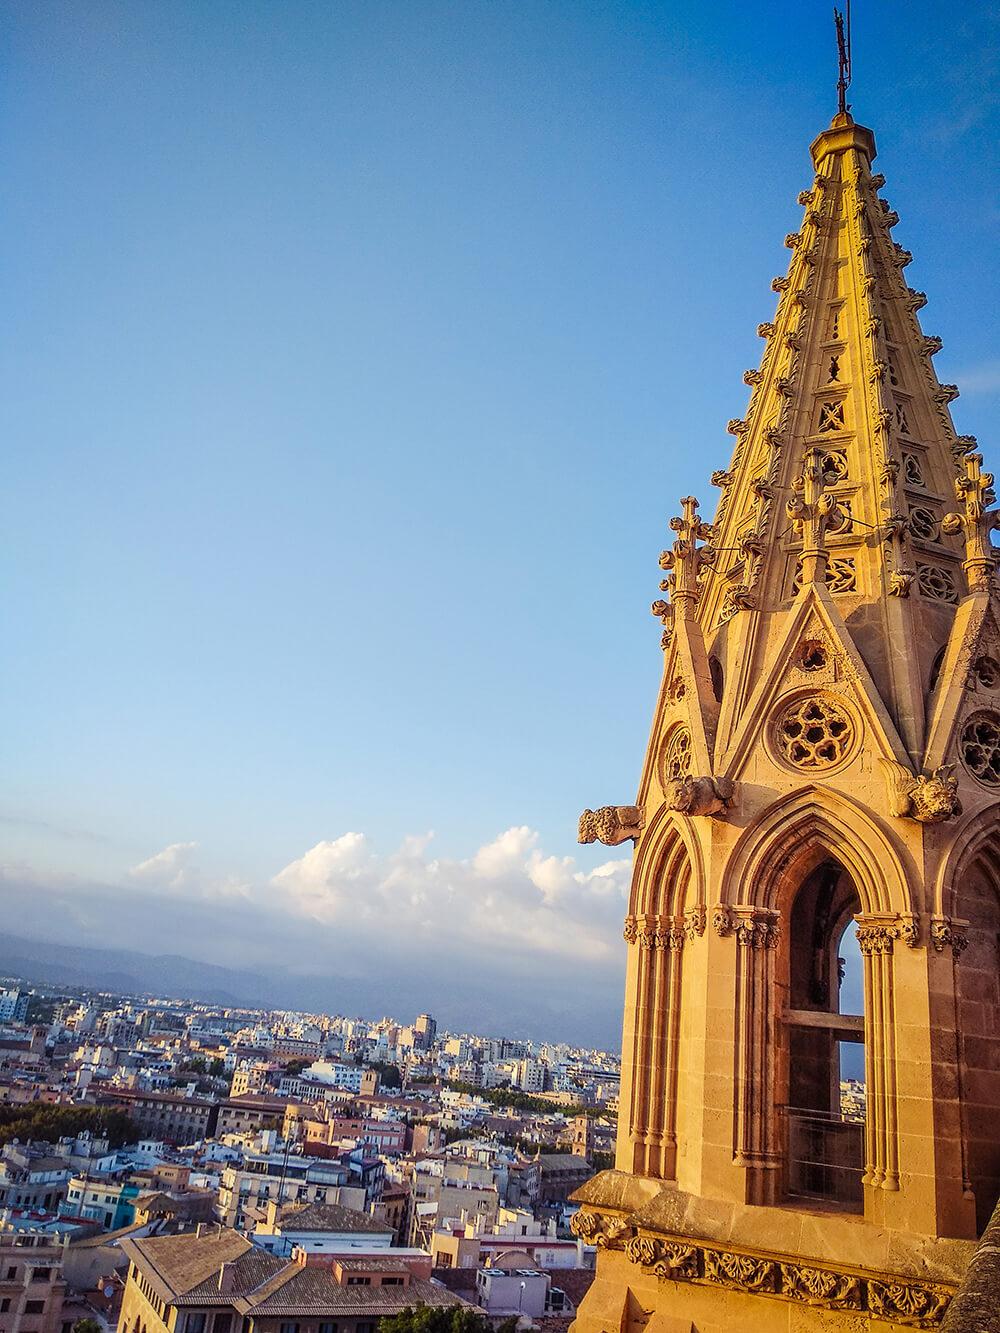 Palma-de-Mallorca-Kathedrale-La-Seu-Dach-25